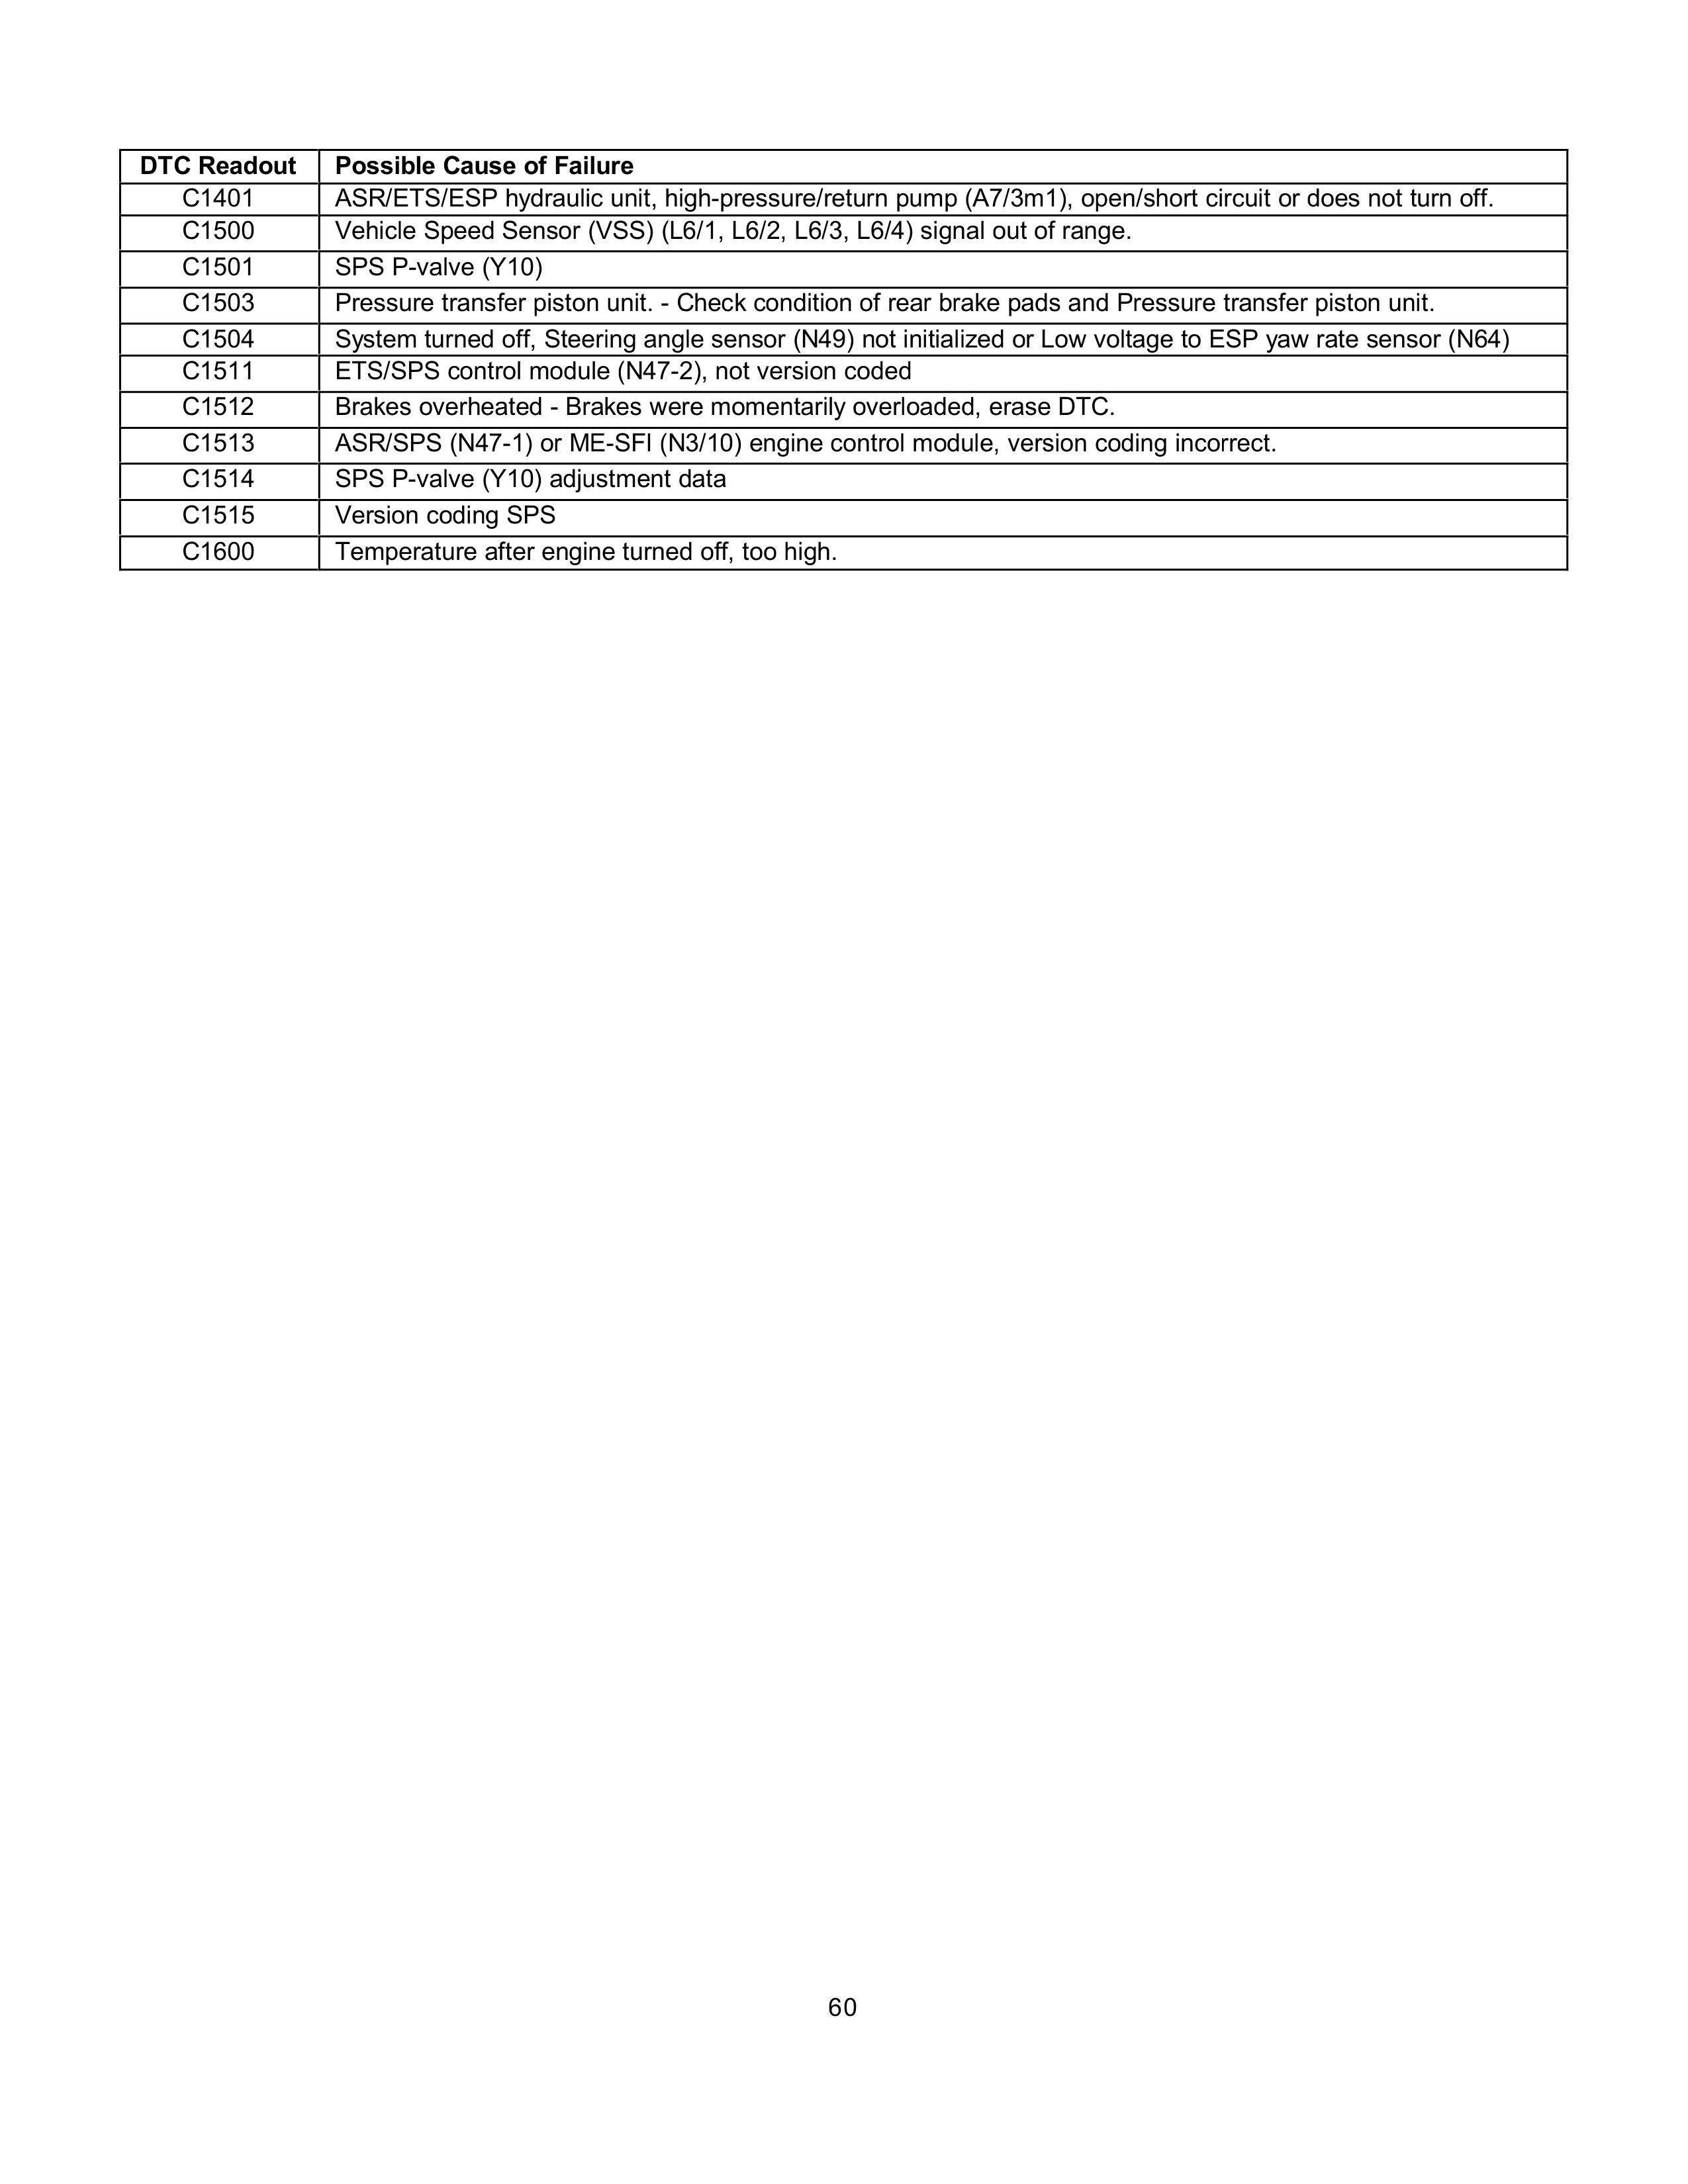 (AJUDA GERAL): Manual de códigos das falhas - analógico e digital - 1988 a 2000 006012